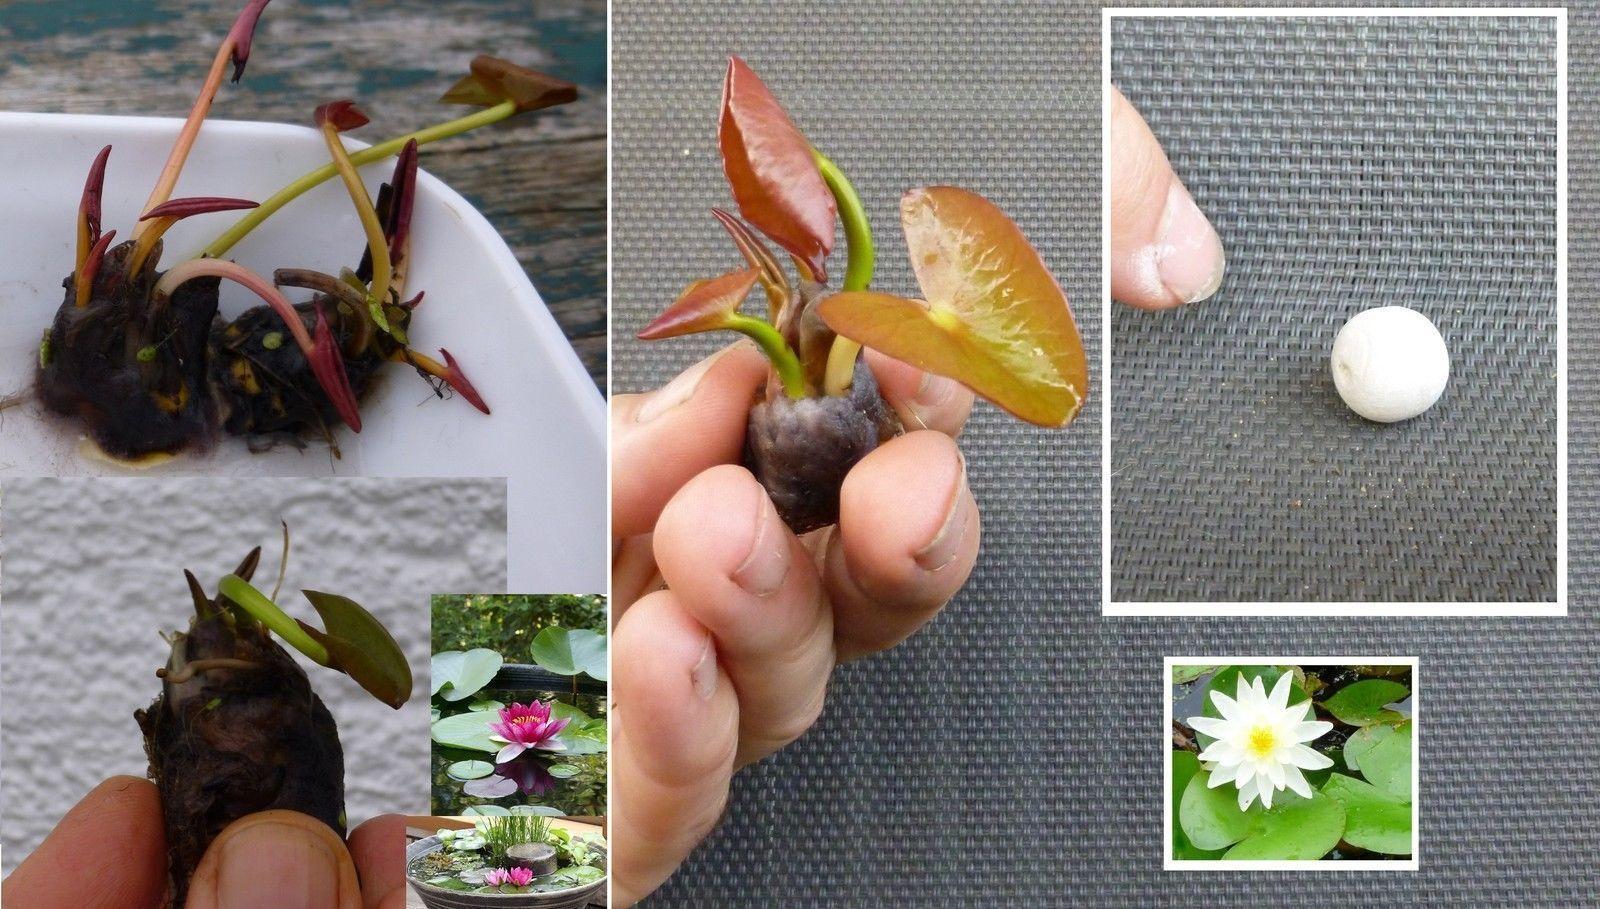 Teichpflanzen - Florashop2000 Gartenteich Mit Seerosen Sorten